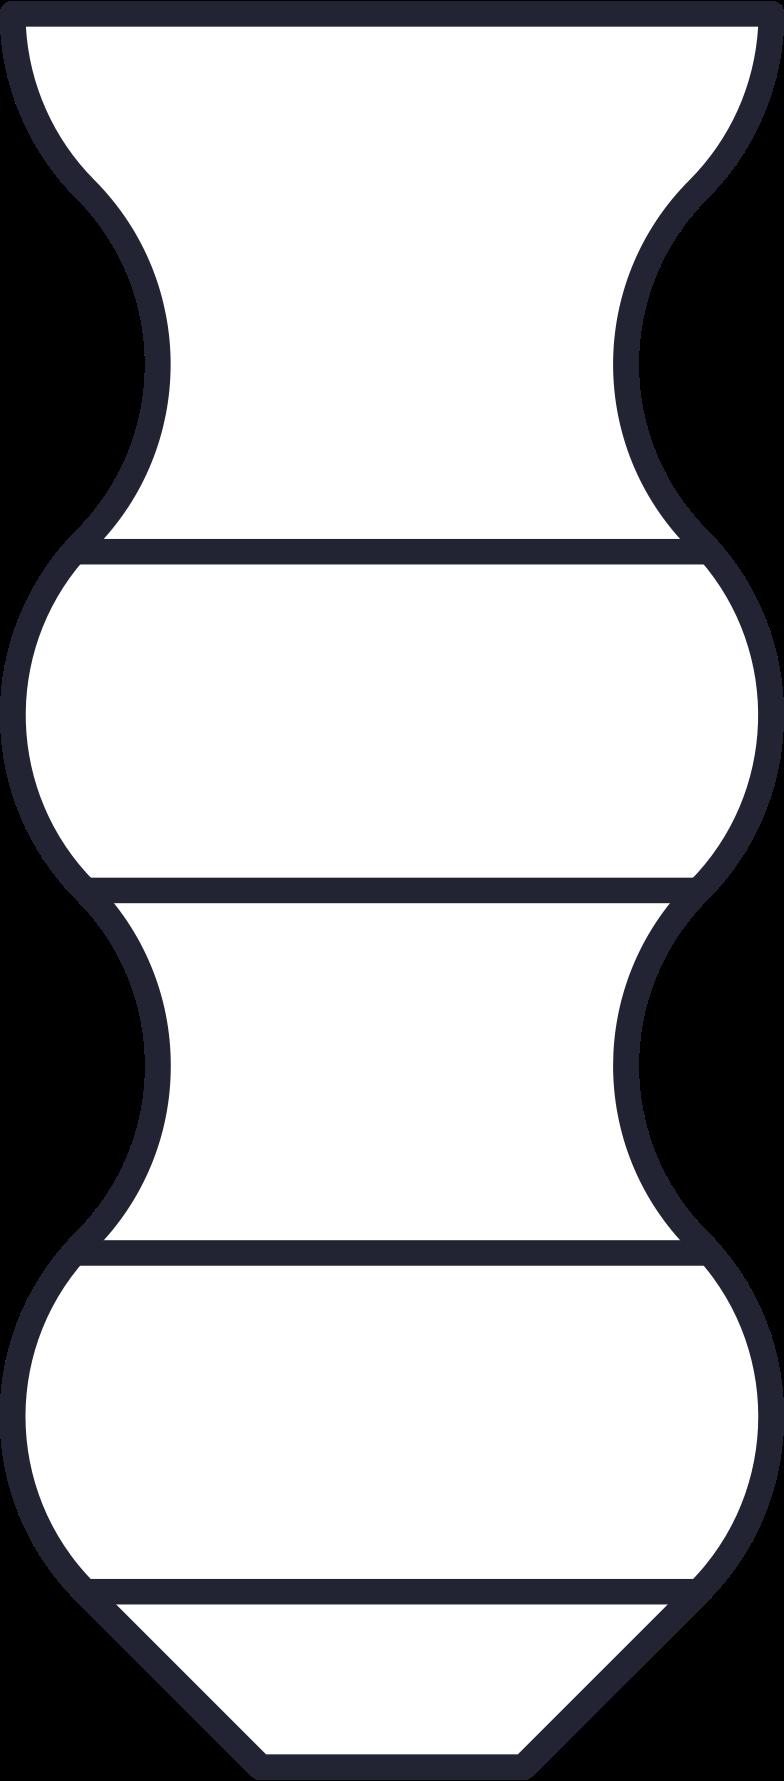 Aufwachsen große vase Clipart-Grafik als PNG, SVG